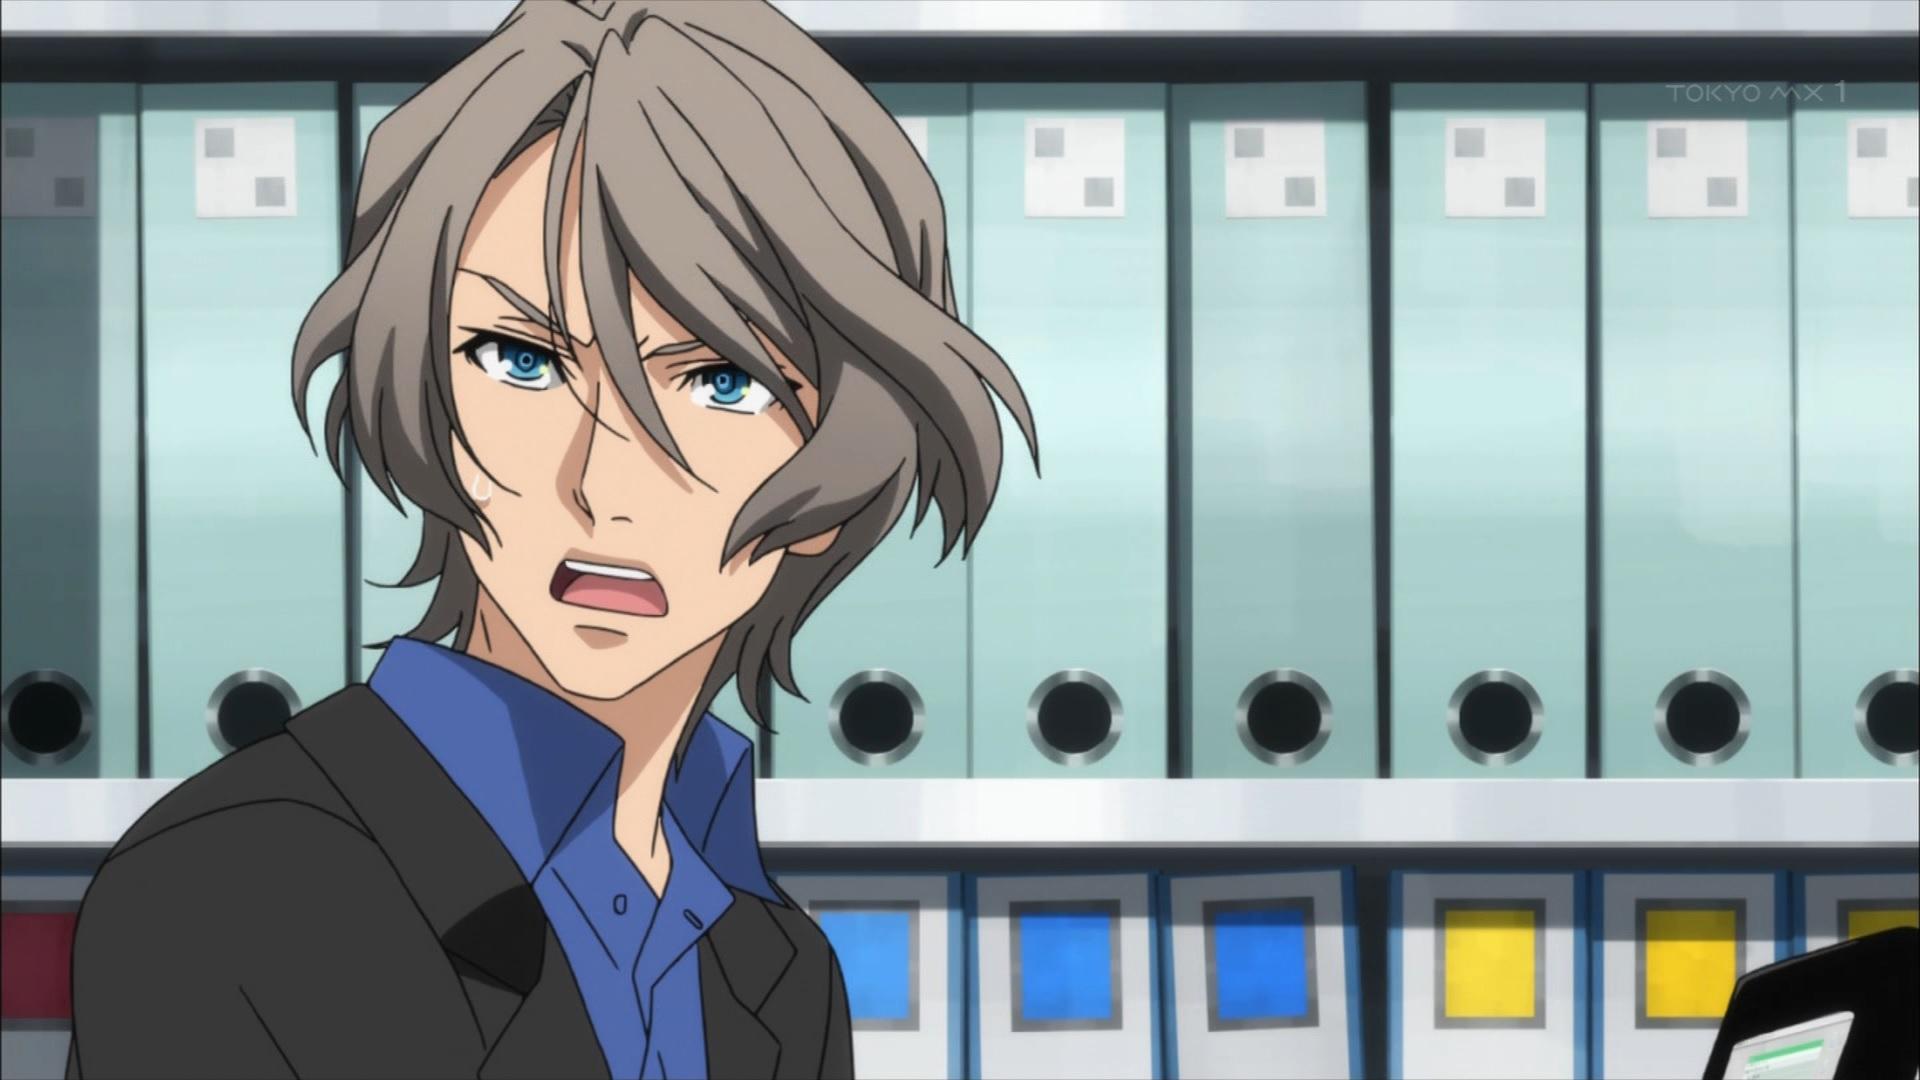 瀬名颯一郎の重要案件の決済ボタン